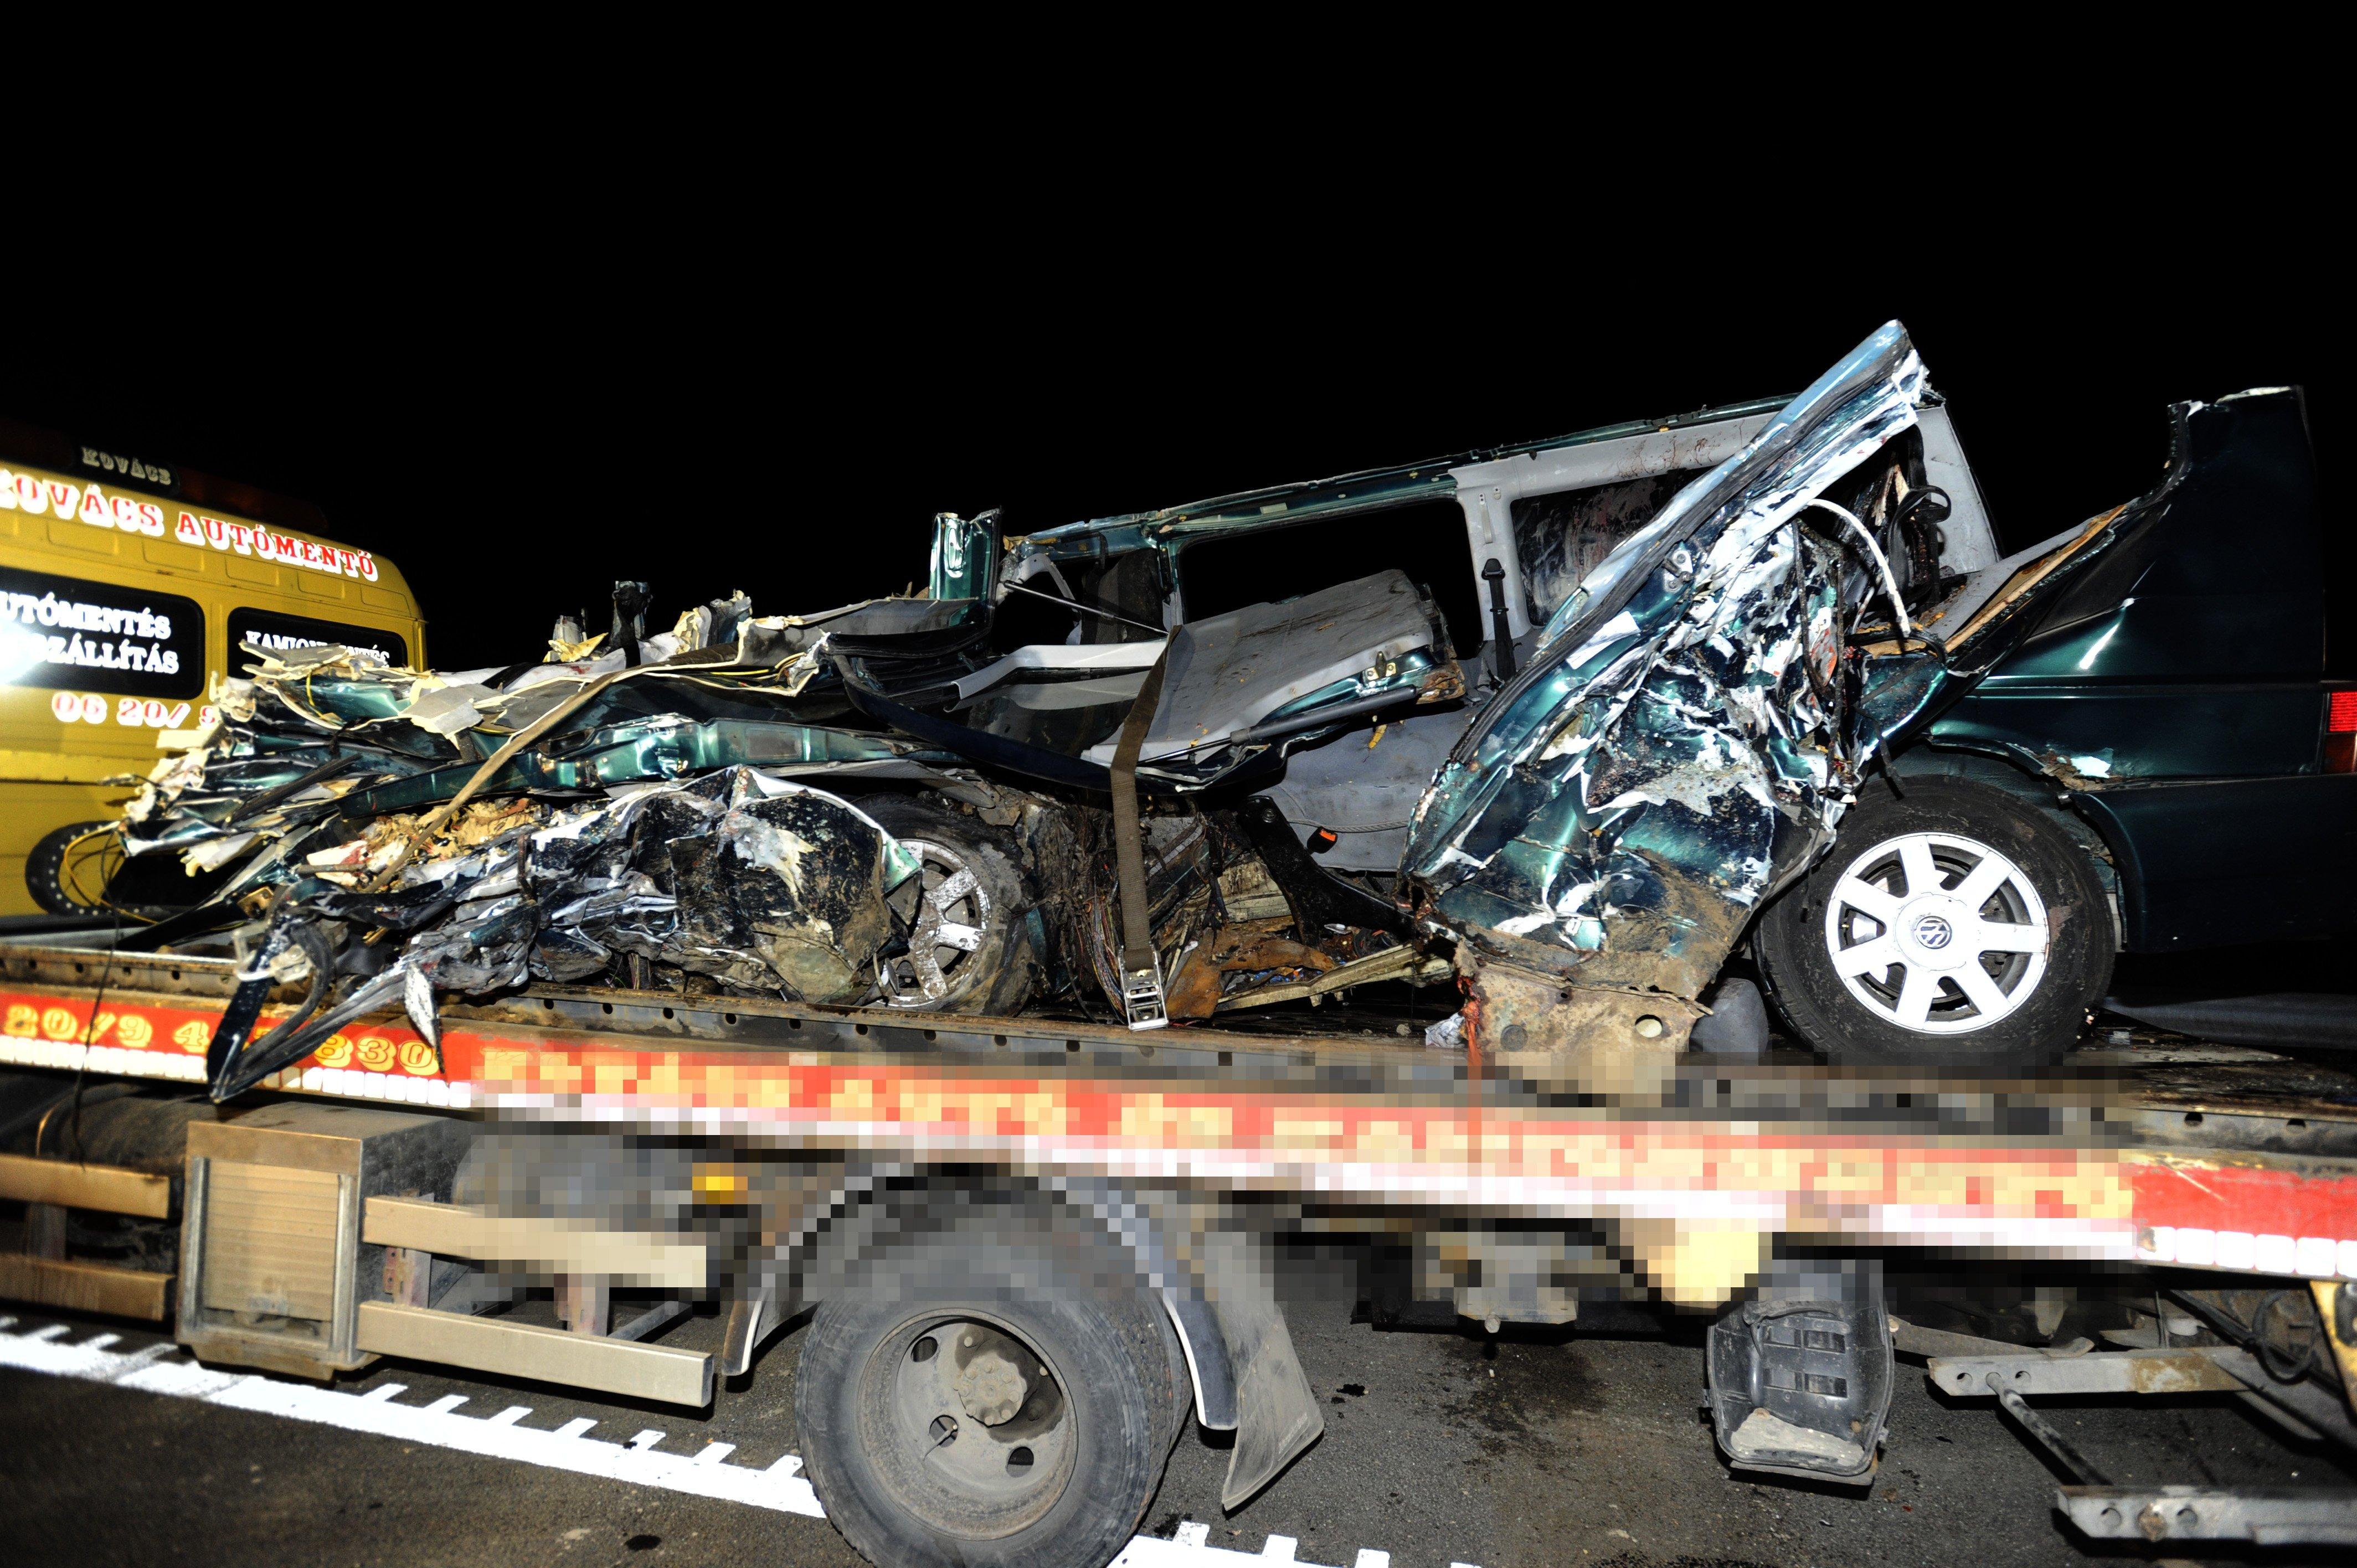 A román sajtó szerint nem volt jogosítványa annak a sofőrnek, aki 9 halálos áldozattal járó balesetet okozott Ceglédbercelnél